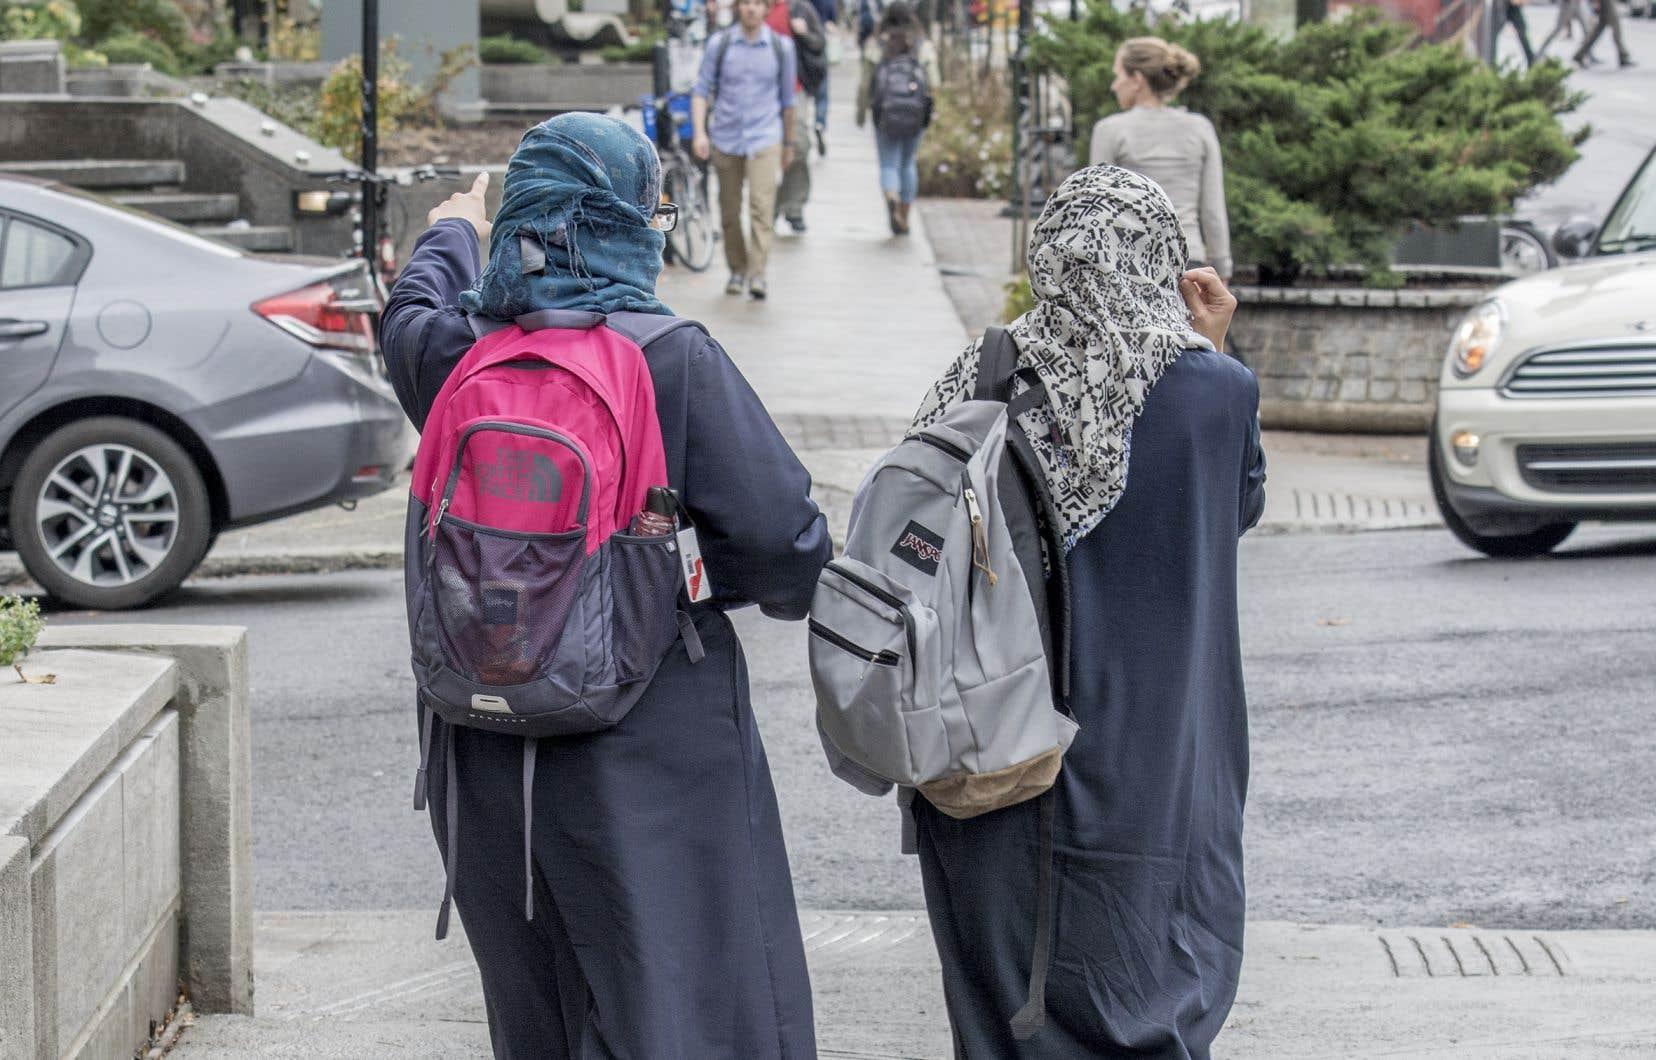 «Réduits à des enjeux électoraux, les musulmans, les immigrants, les réfugiés et les femmes voilées deviennent tantôt des nuisances, tantôt des votes opportuns. Or pendant que le voile déchaîne les passions, des coupes budgétaires récurrentes affaiblissent la qualité de l'éducation, le réseau de la santé et la culture.»